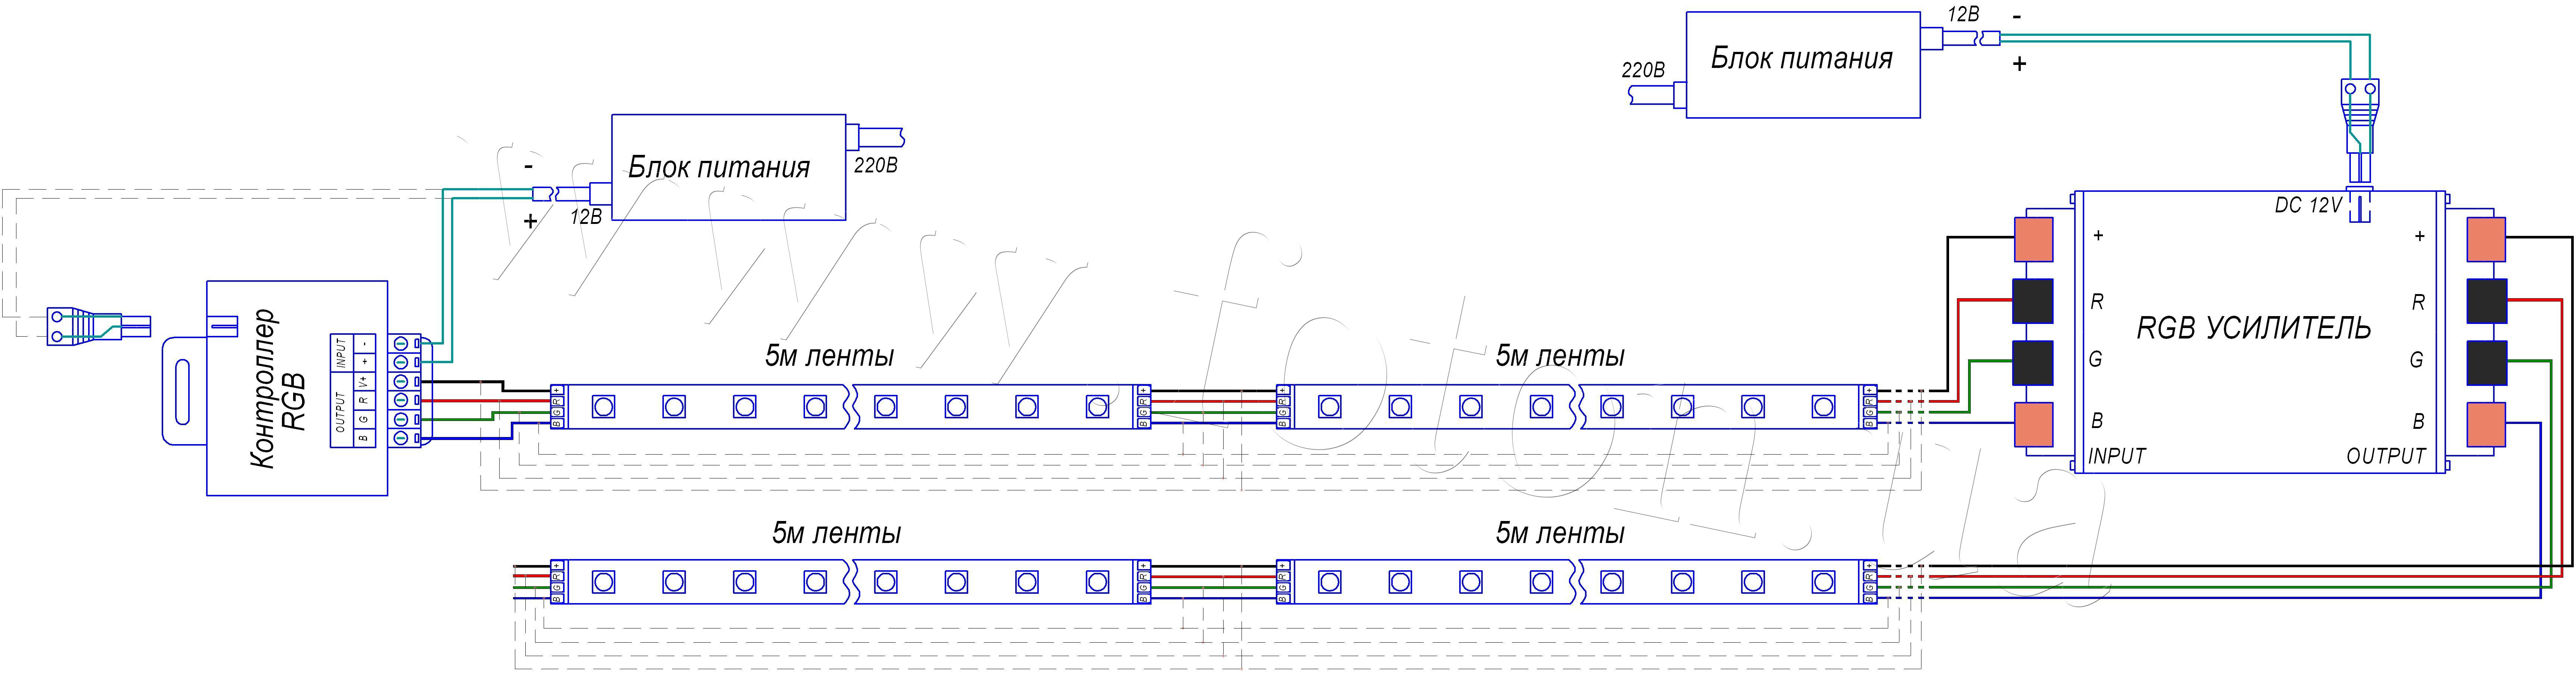 схема соединения солнечных батарей